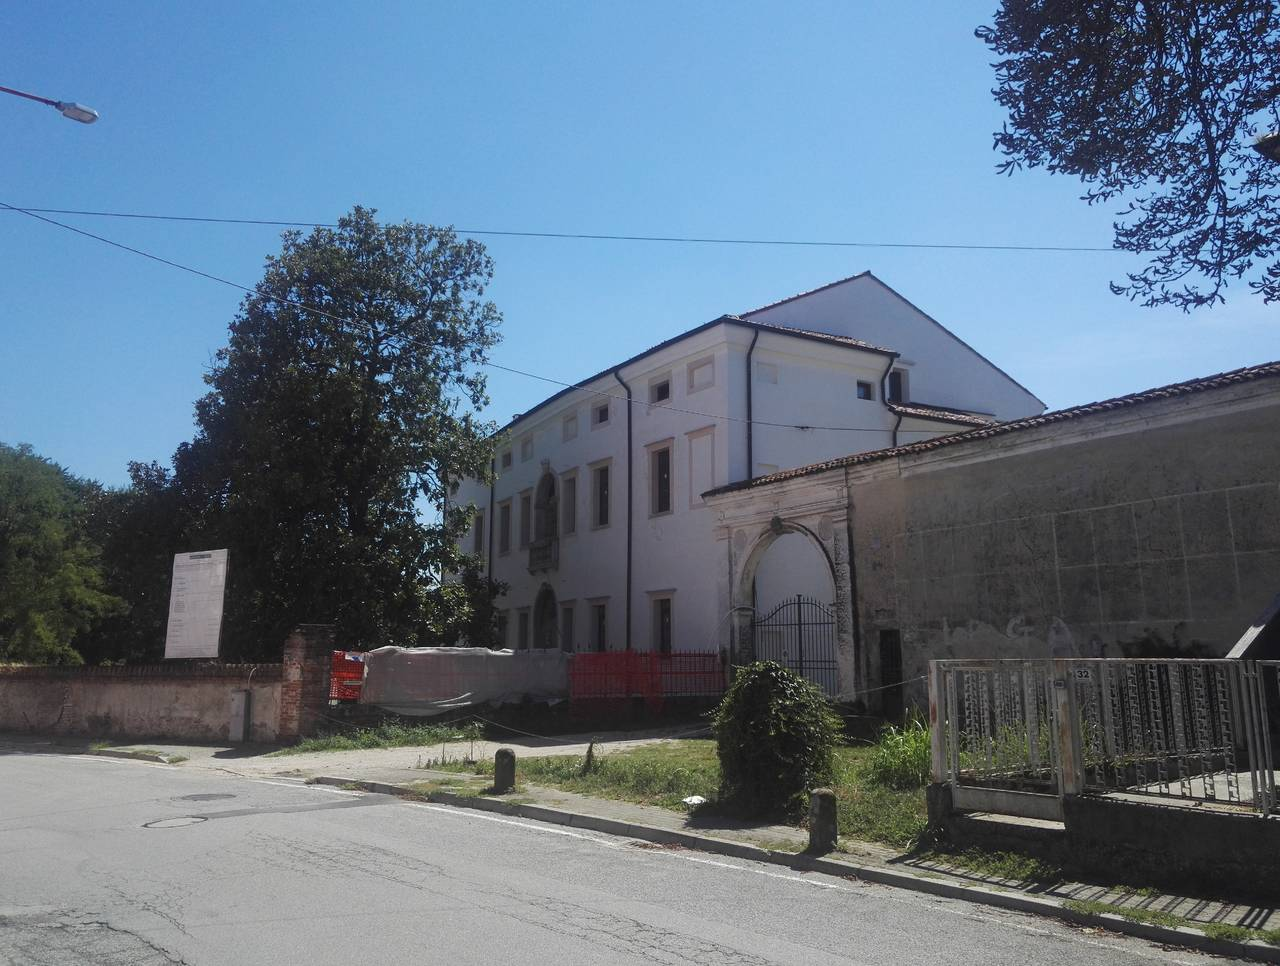 Brianza Plastica per Villa Borromeo a Fontaniva (PD)